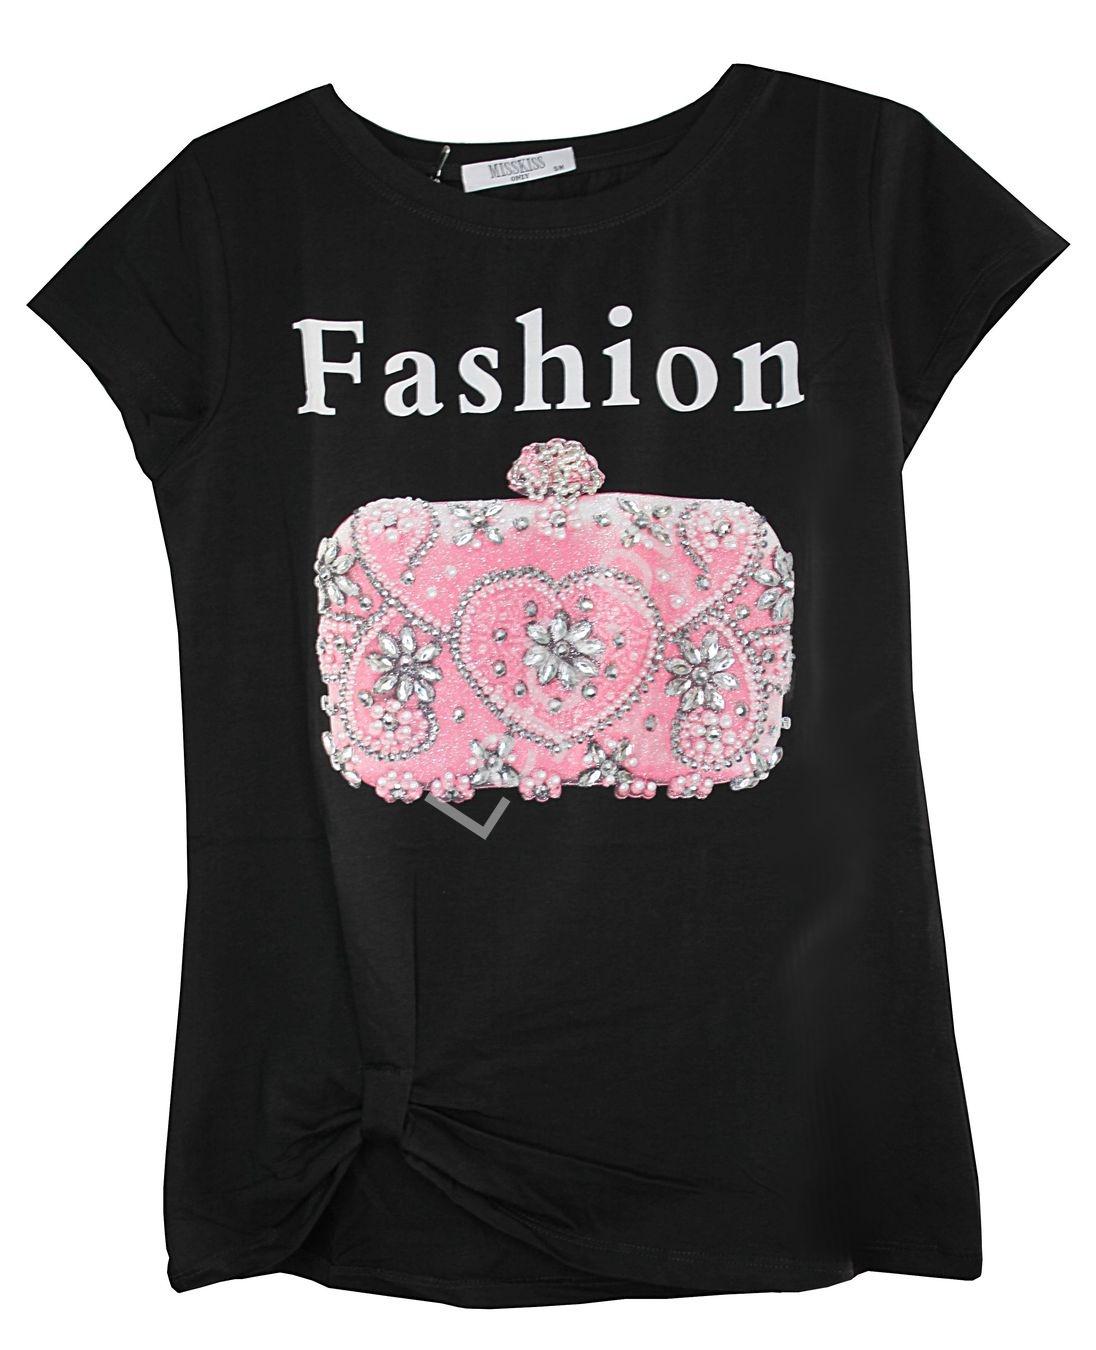 Czarny T-shirt damski z napisem Fashion i zdobioną kryształkami torebką - Lejdi